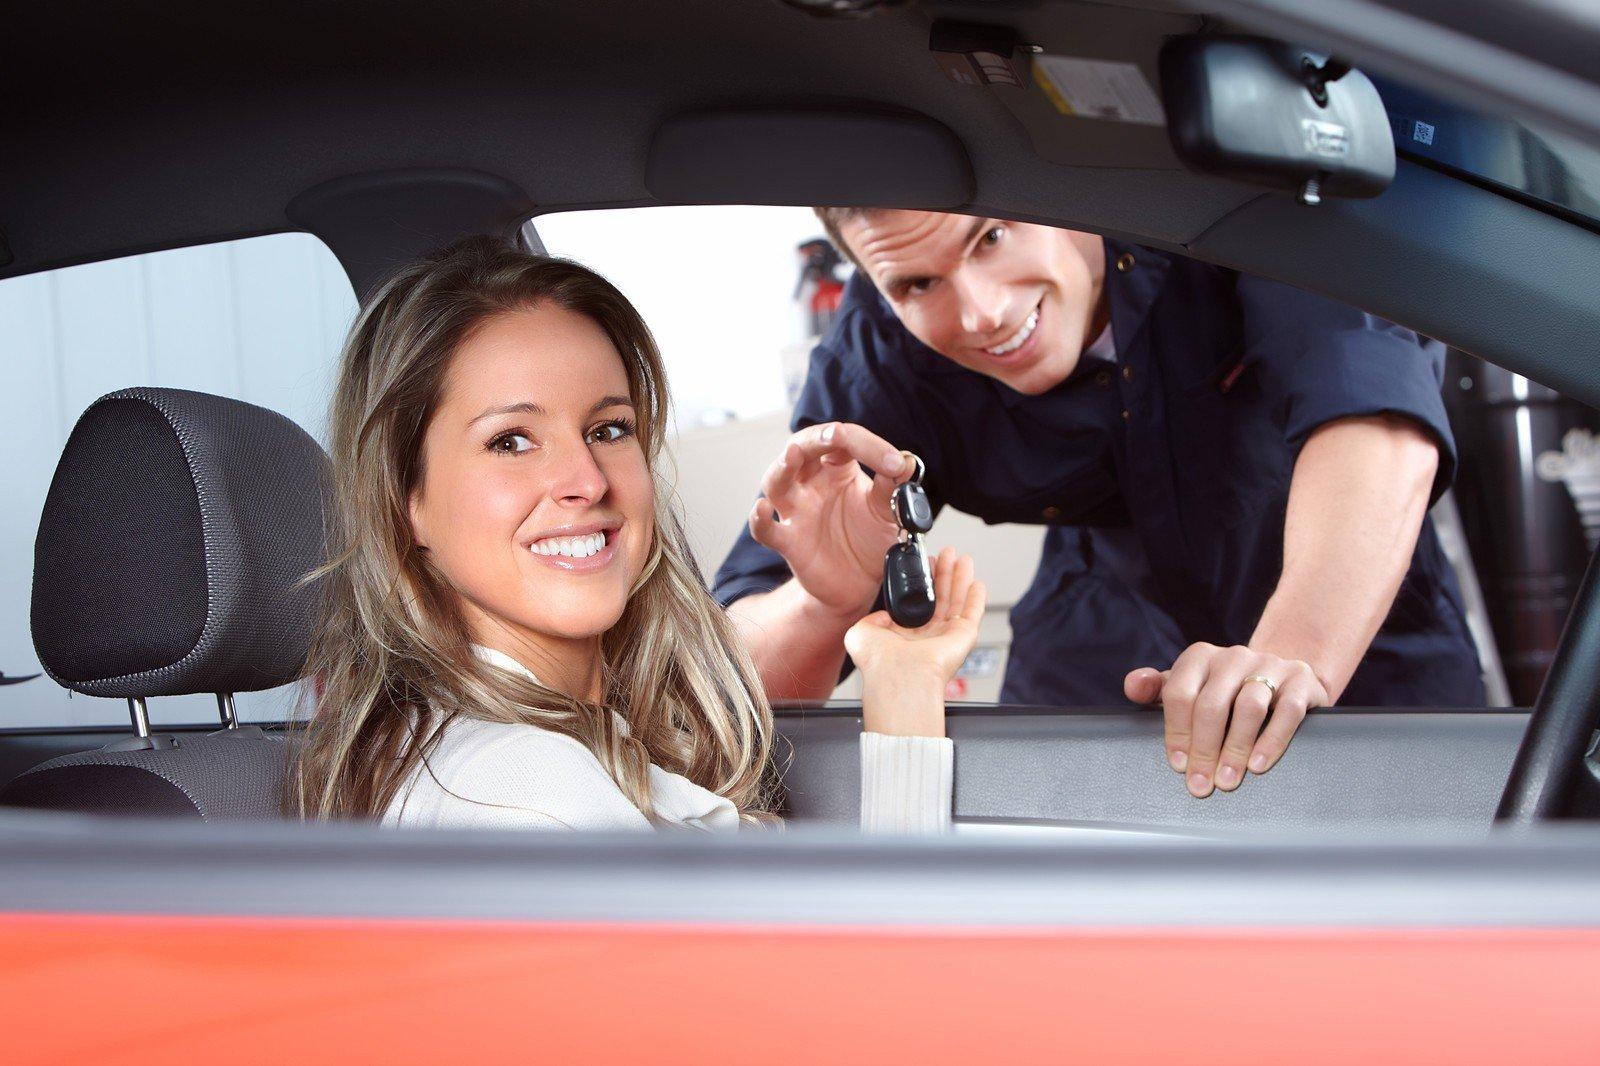 handing-the-keys-over